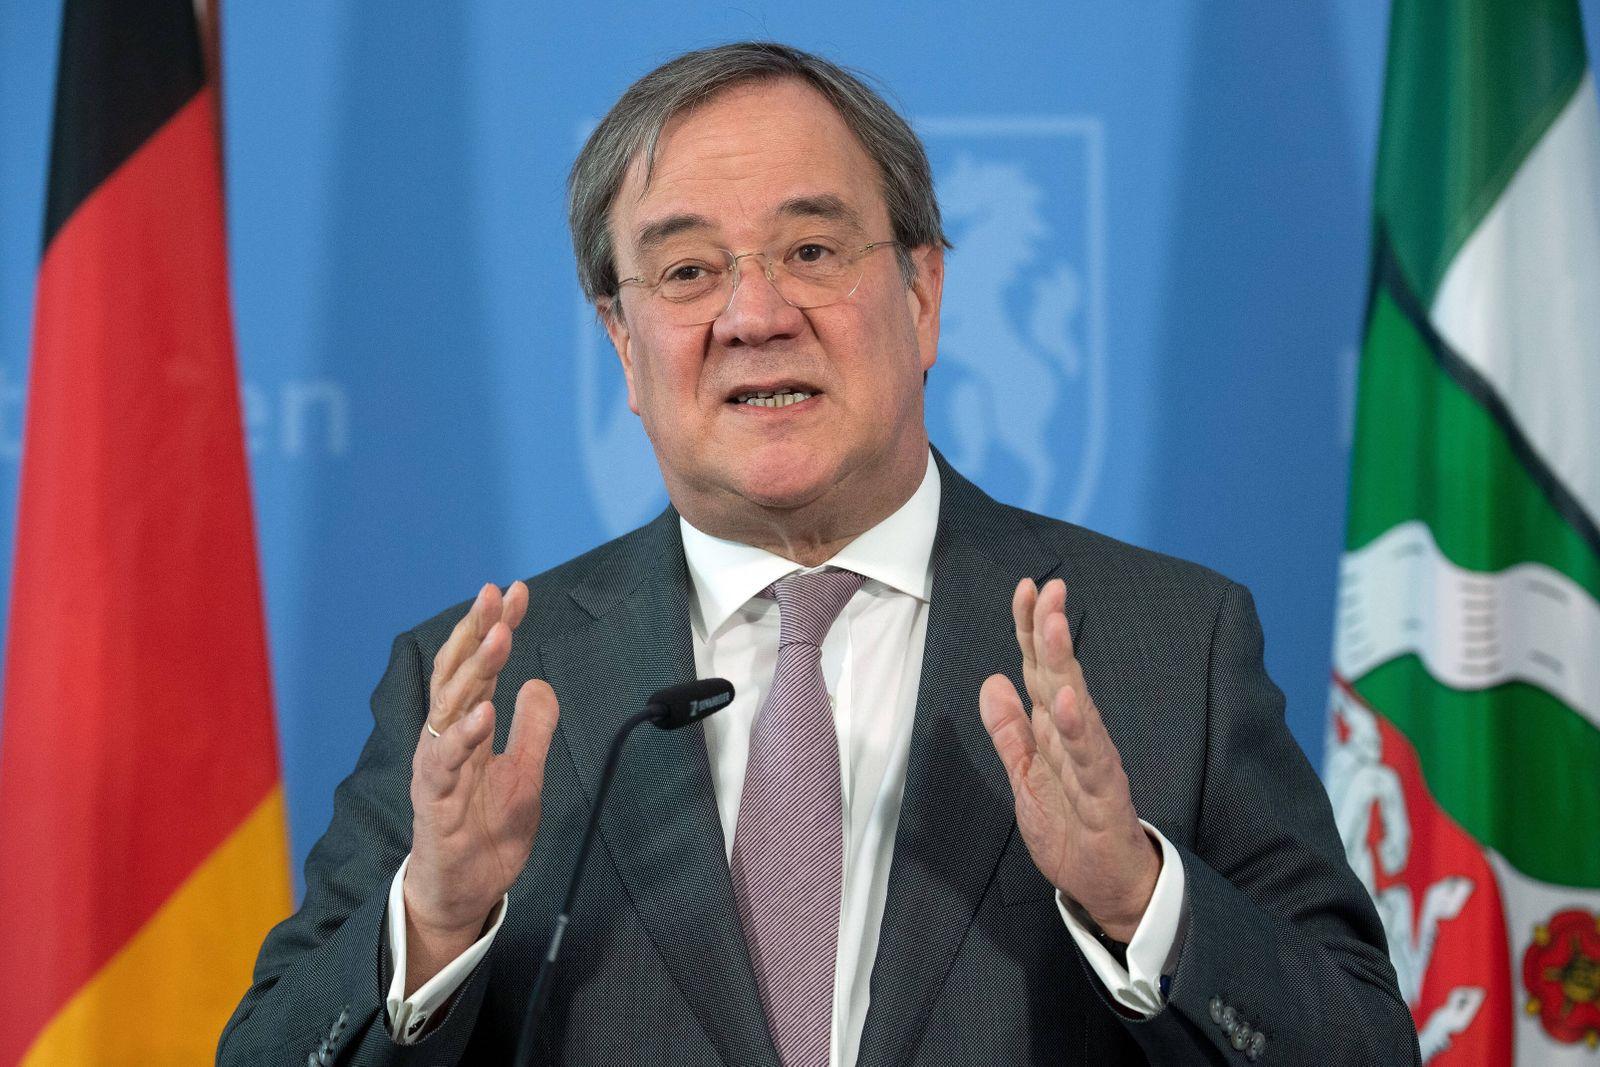 Coronavirus - Landesregierung NRW 14.04.2020, Nordrhein-Westfalen, Düsseldorf: Armin Laschet ( CDU ), Ministerpräsident